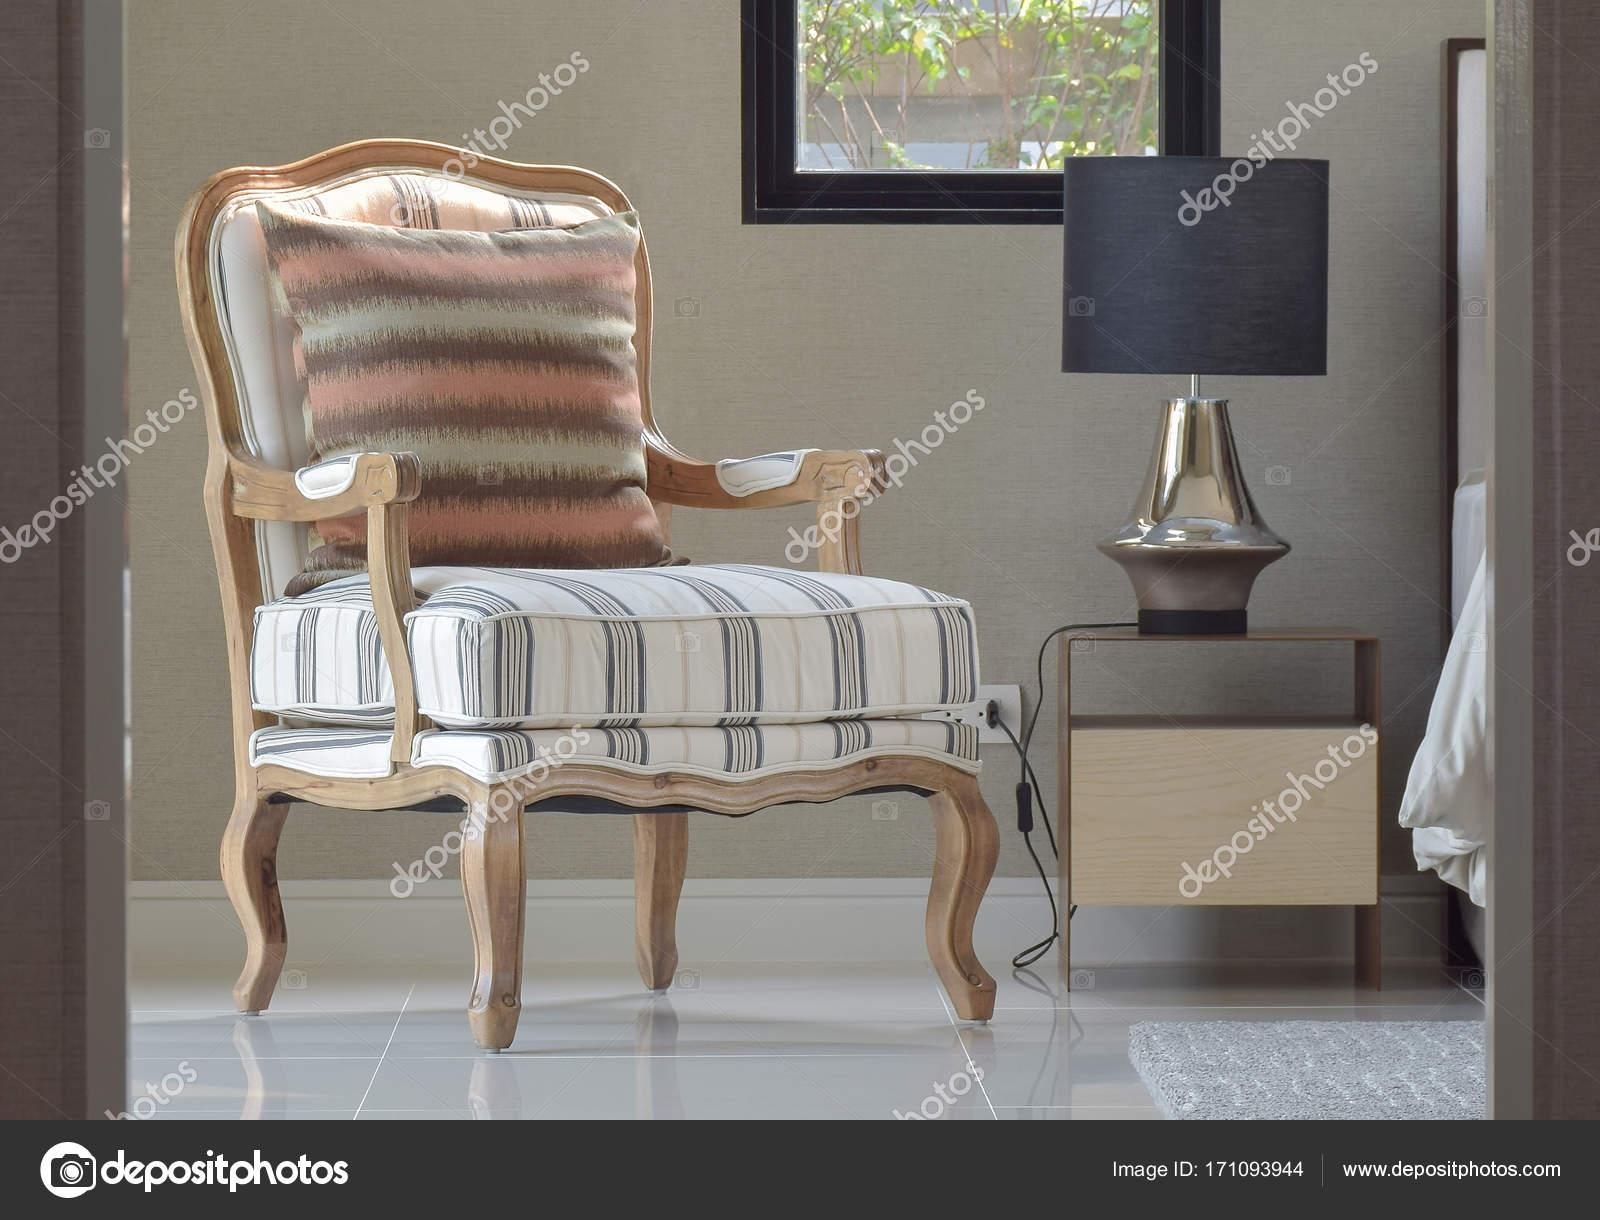 Comfortabele klassieke stijl lounge stoel naast het nachtkastje